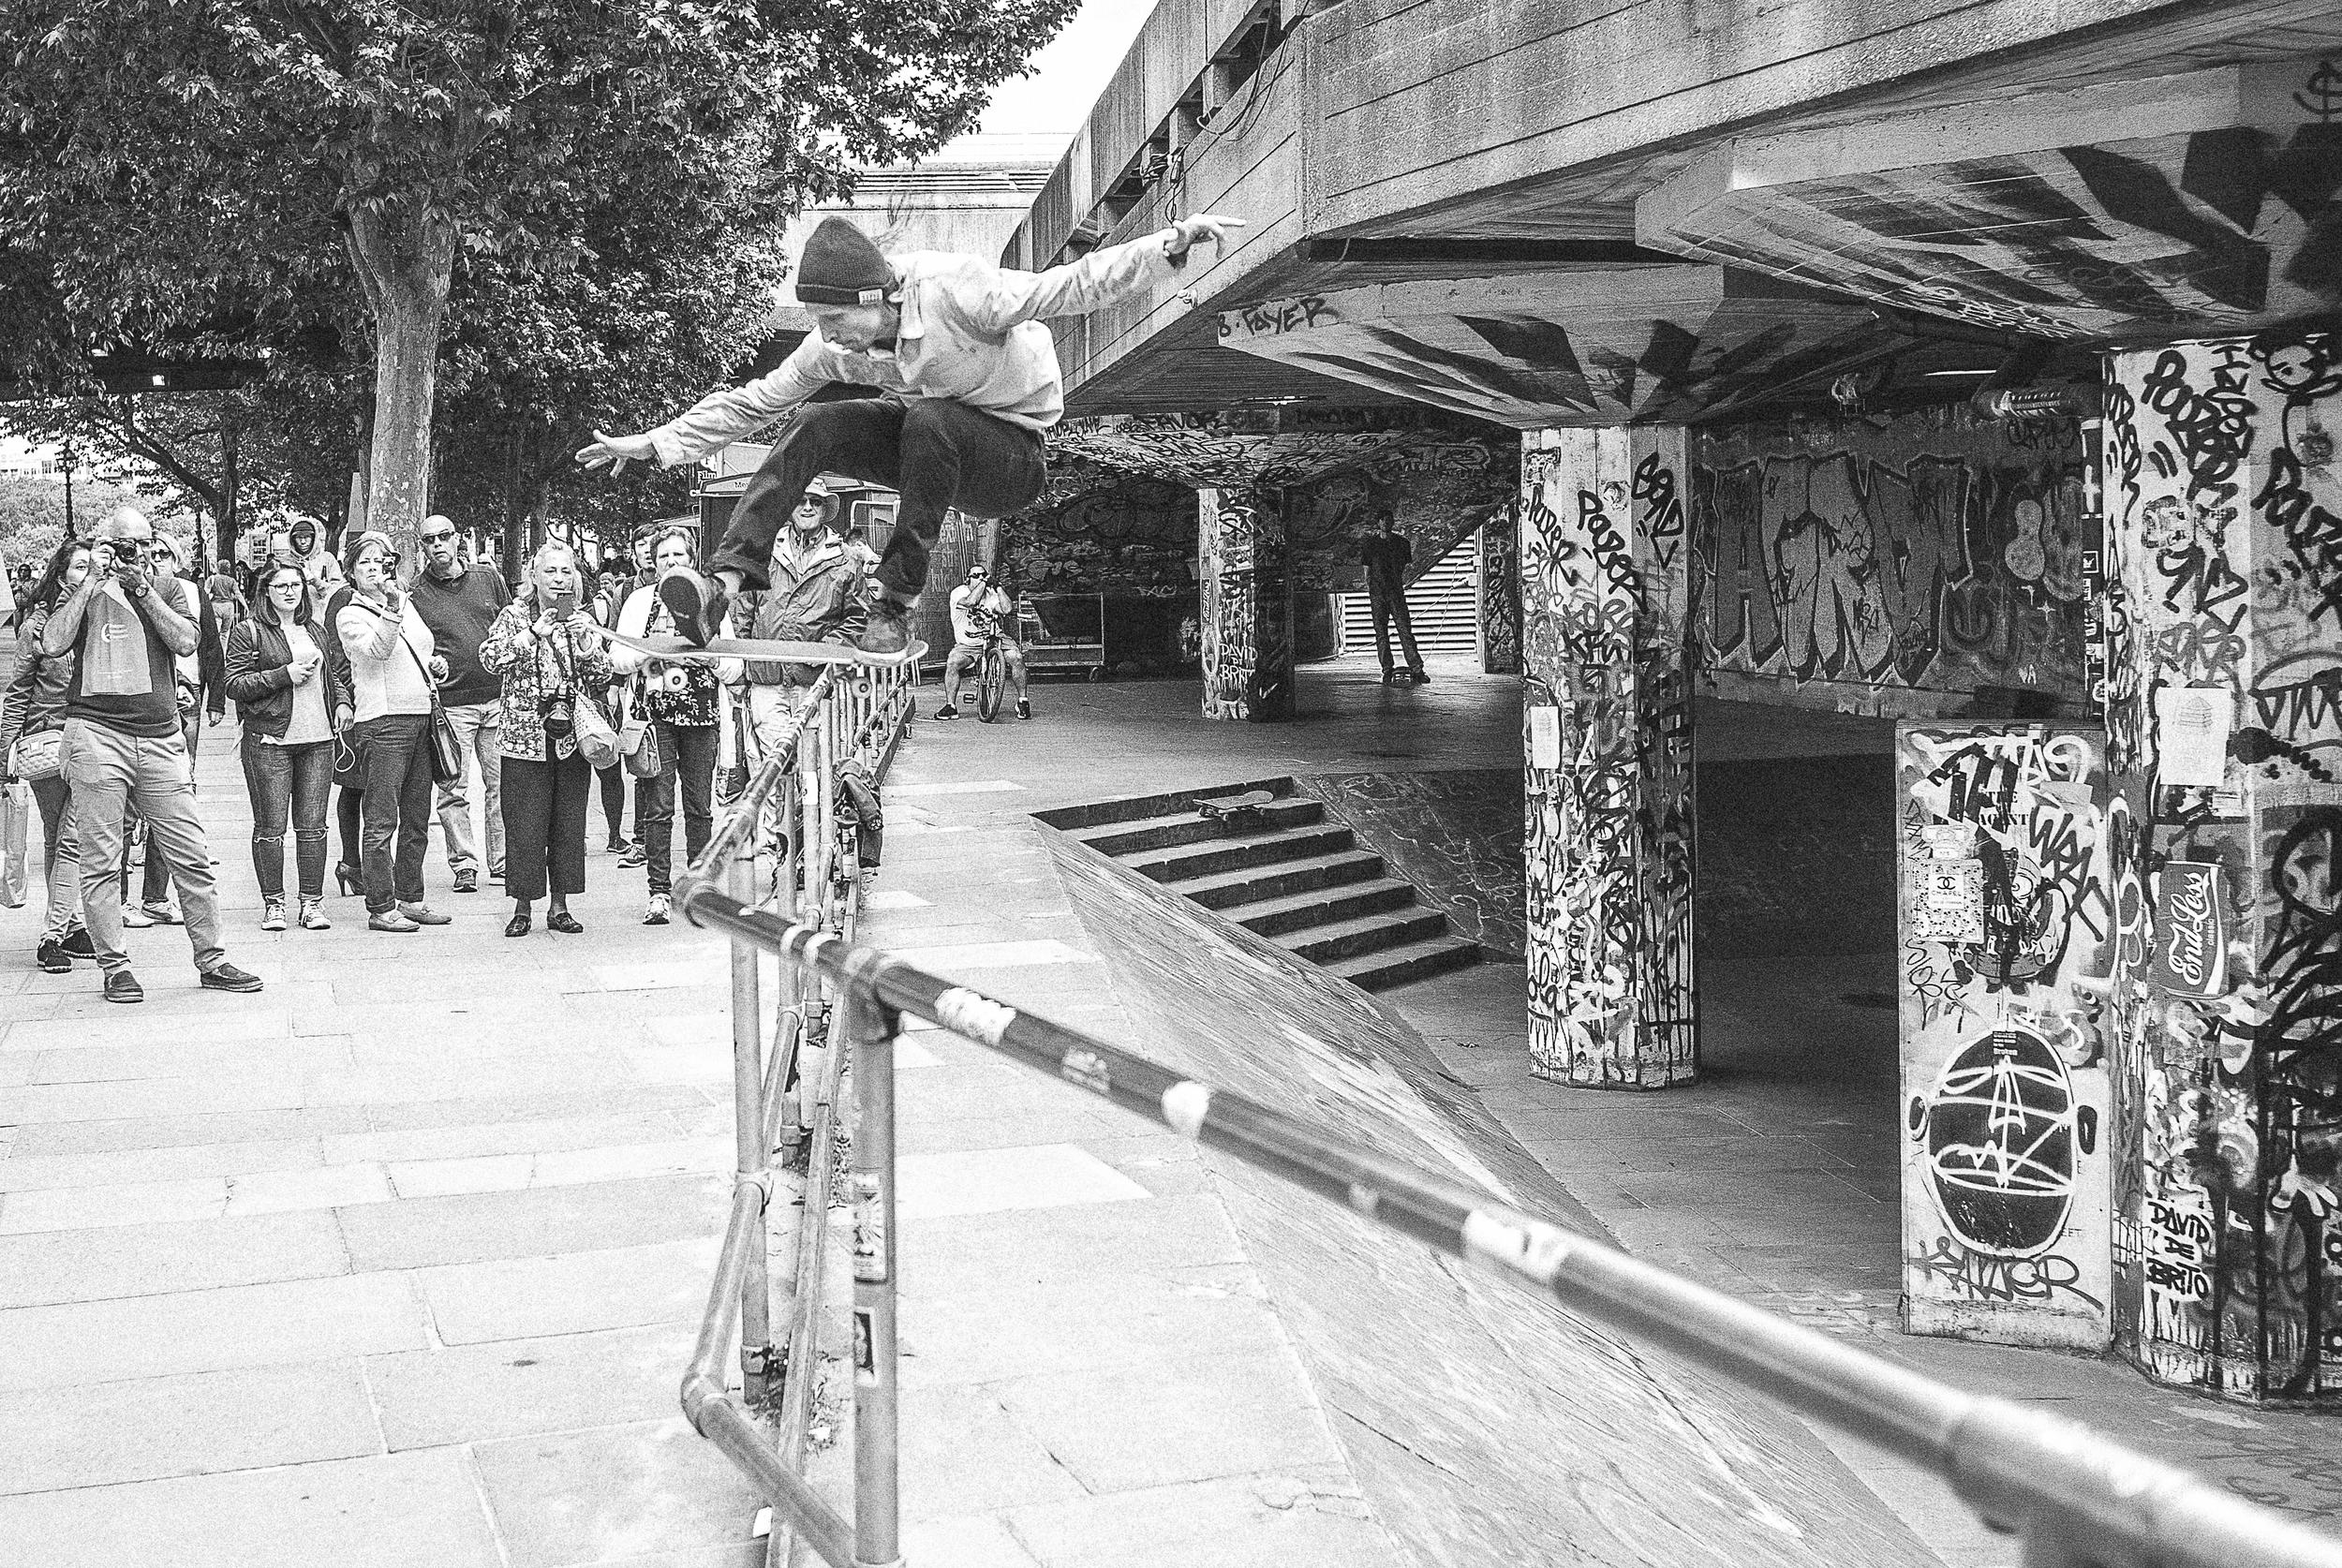 Skate or Die, South Bank London